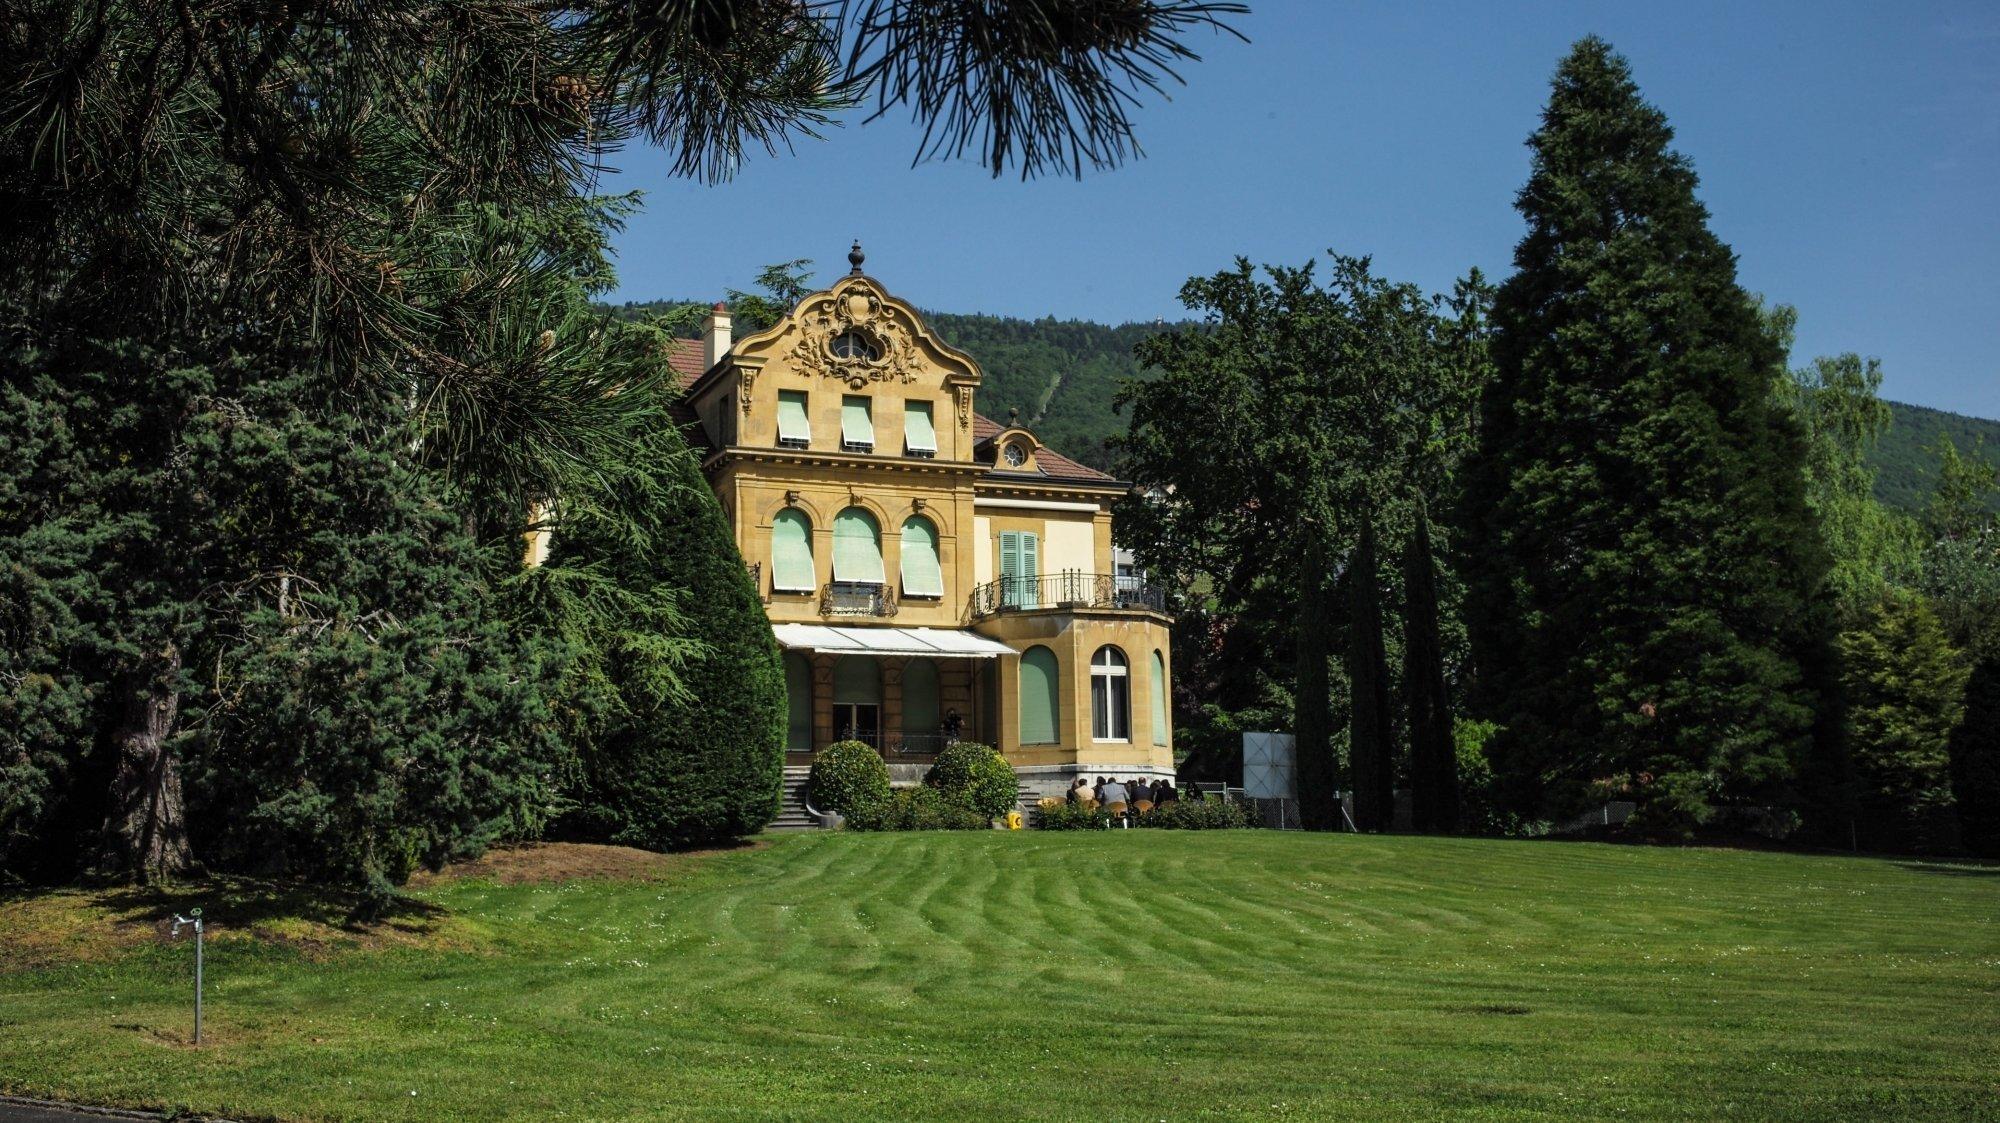 Neuchâtel: la nouvelle vie de la villa Perret débute avec des animations estivales